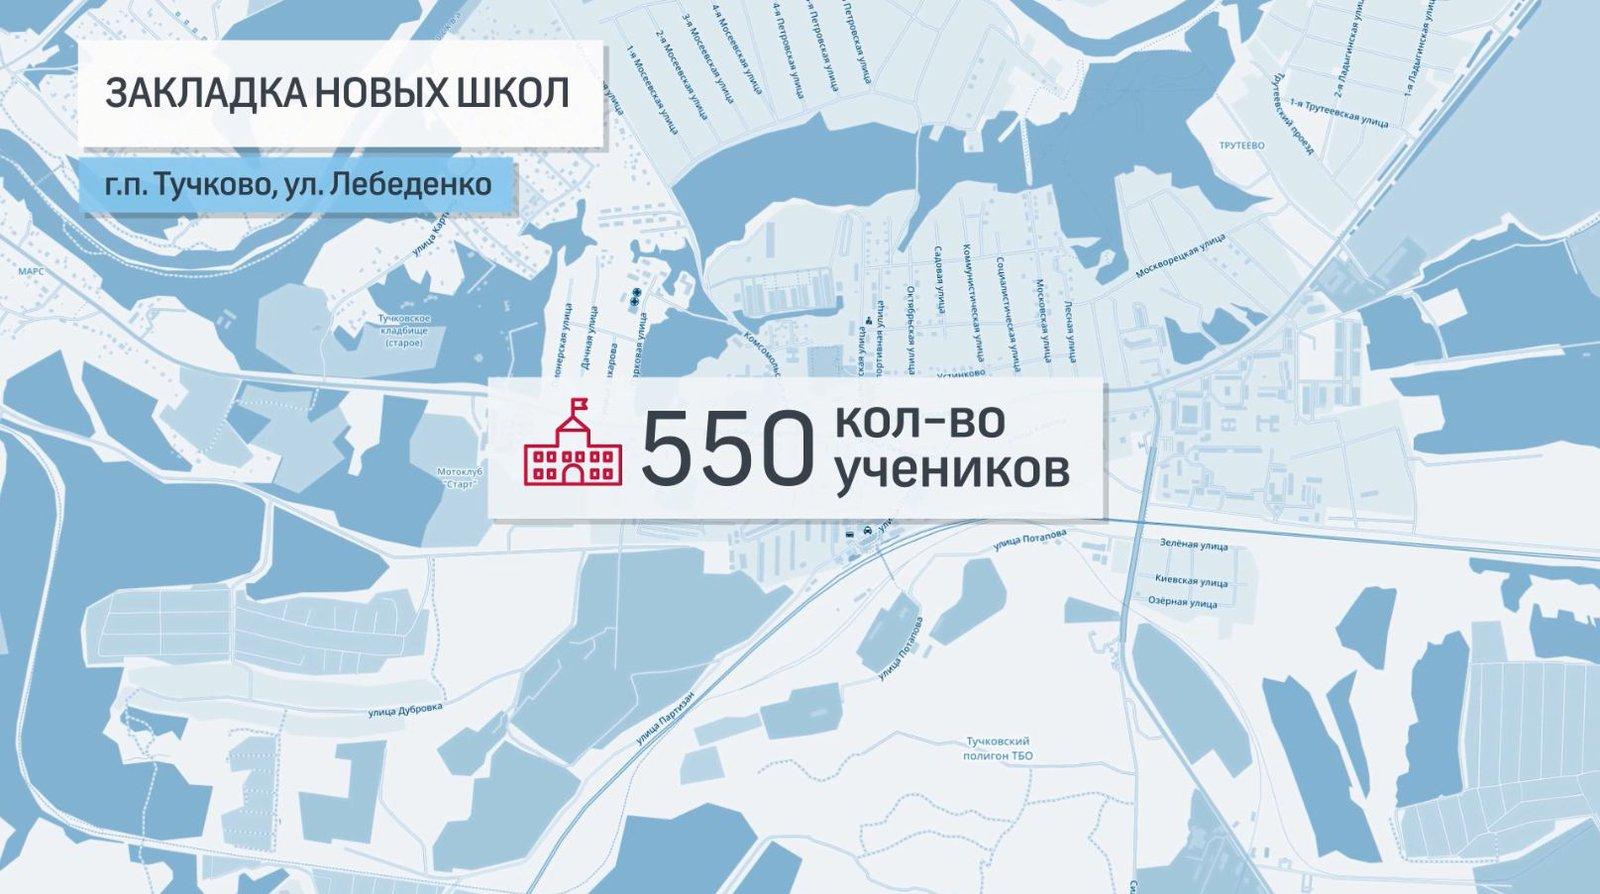 Школа в Тучкове (Рузский городской округ)